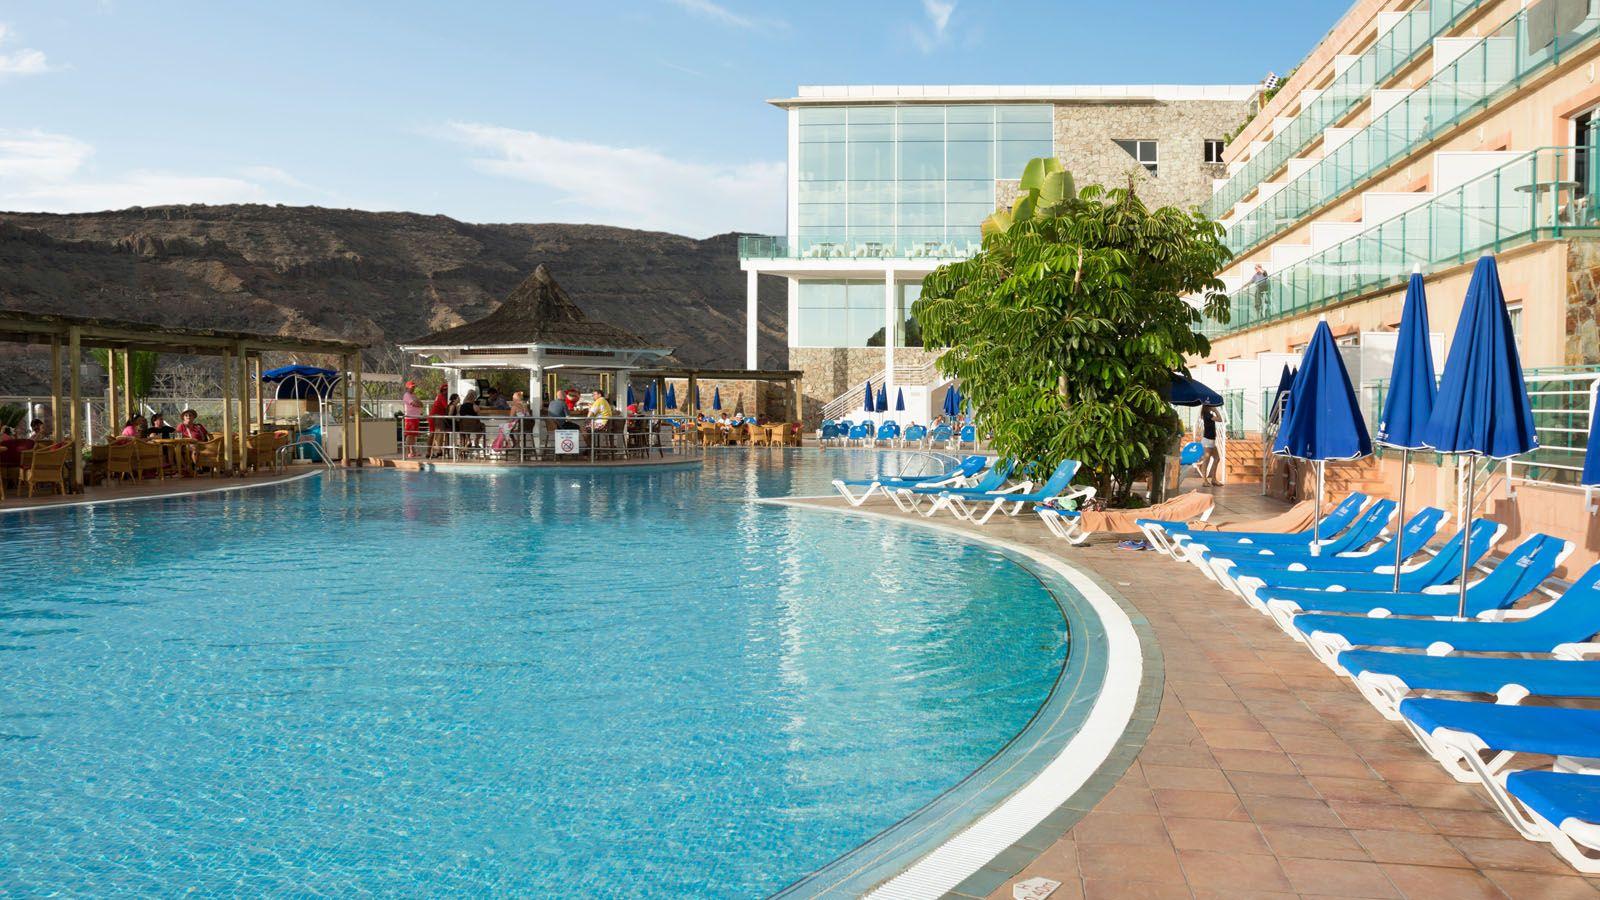 Hoteles de playa todo incluido Beach club resort